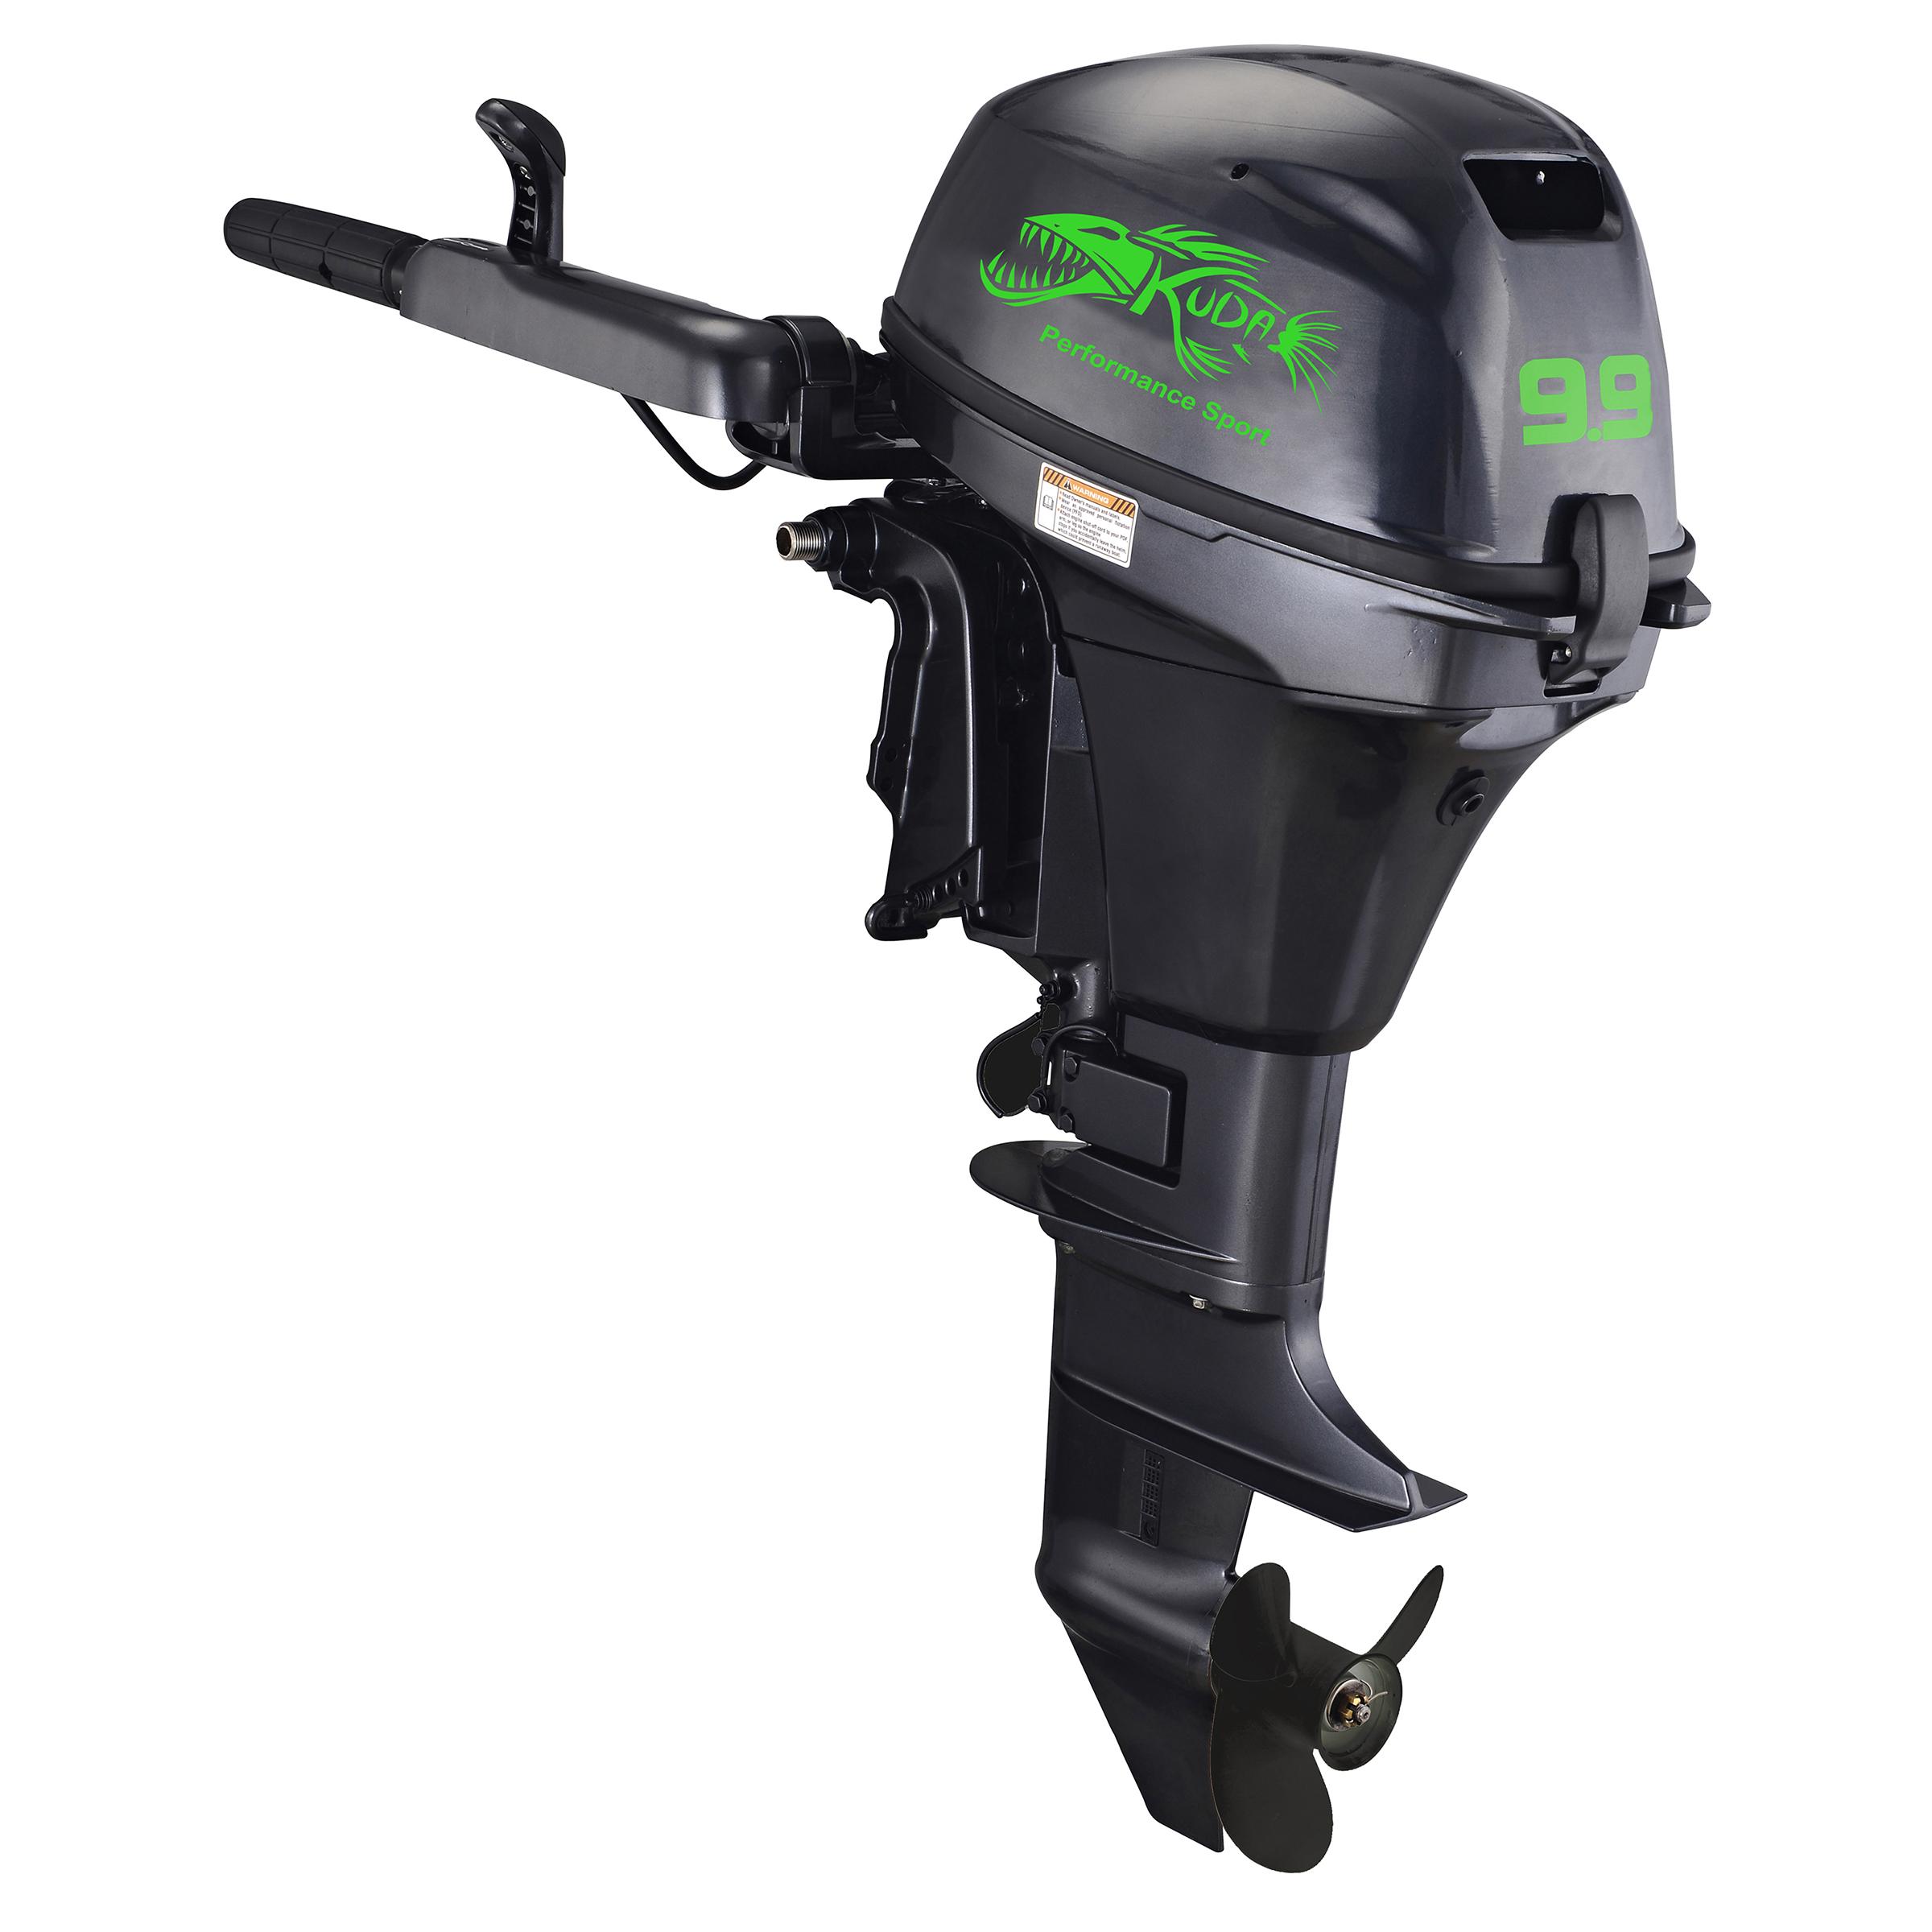 4 Stroke 9.9 HP Outboard Motor 5000 RPM